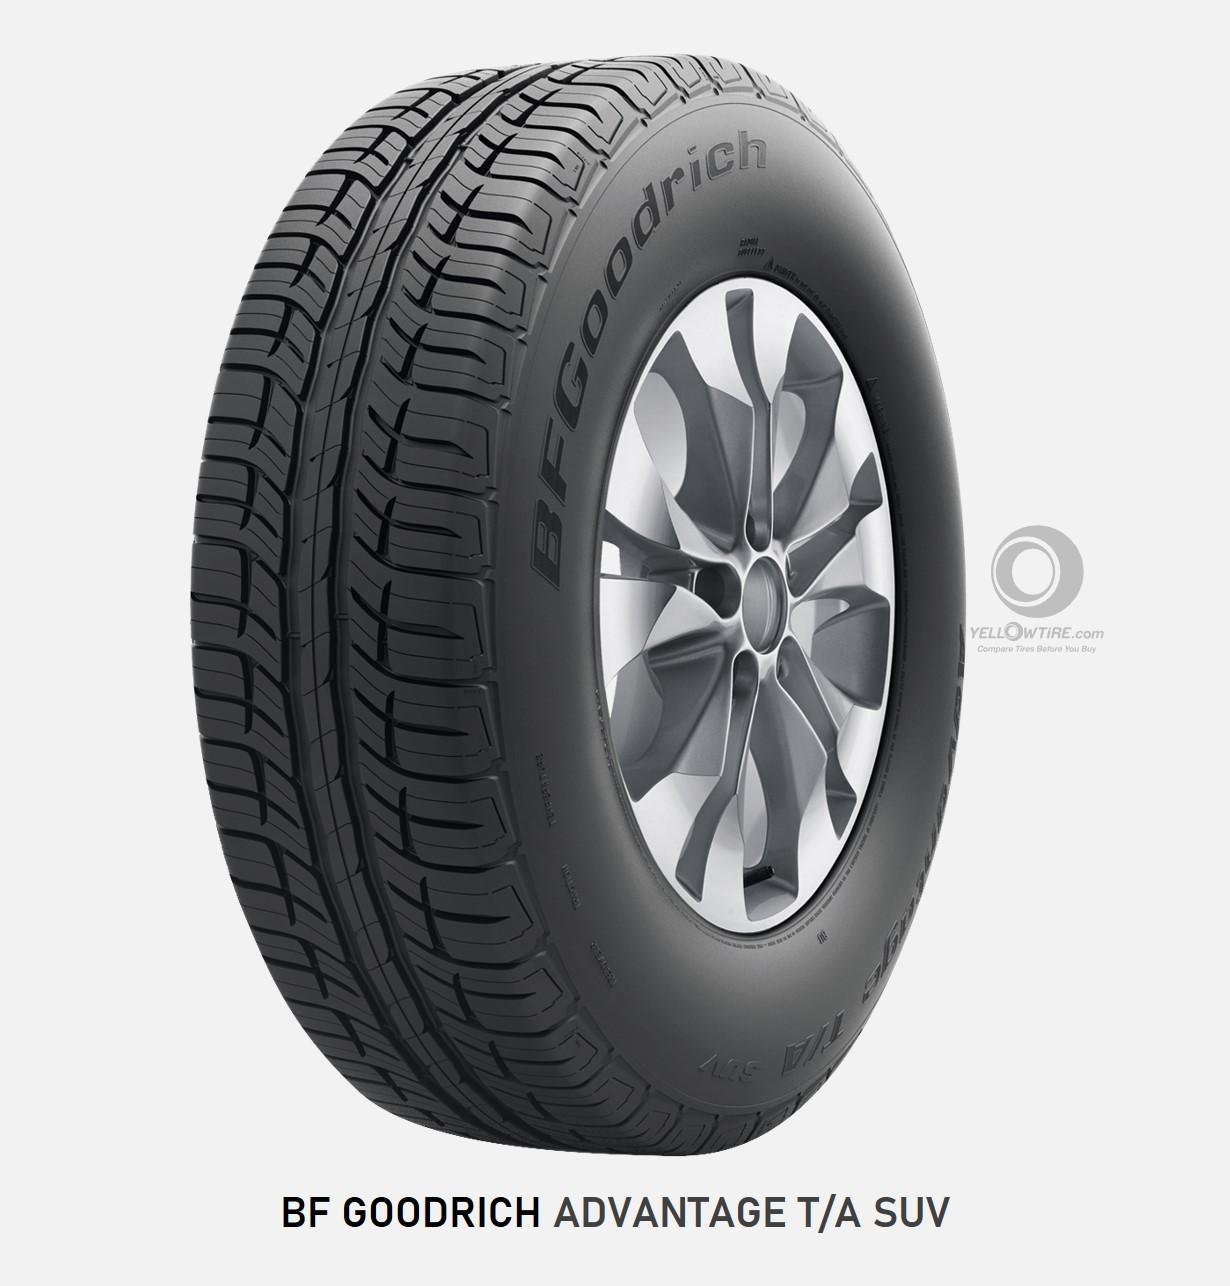 BF GOODRICH ADVANTAGE T/A SUV